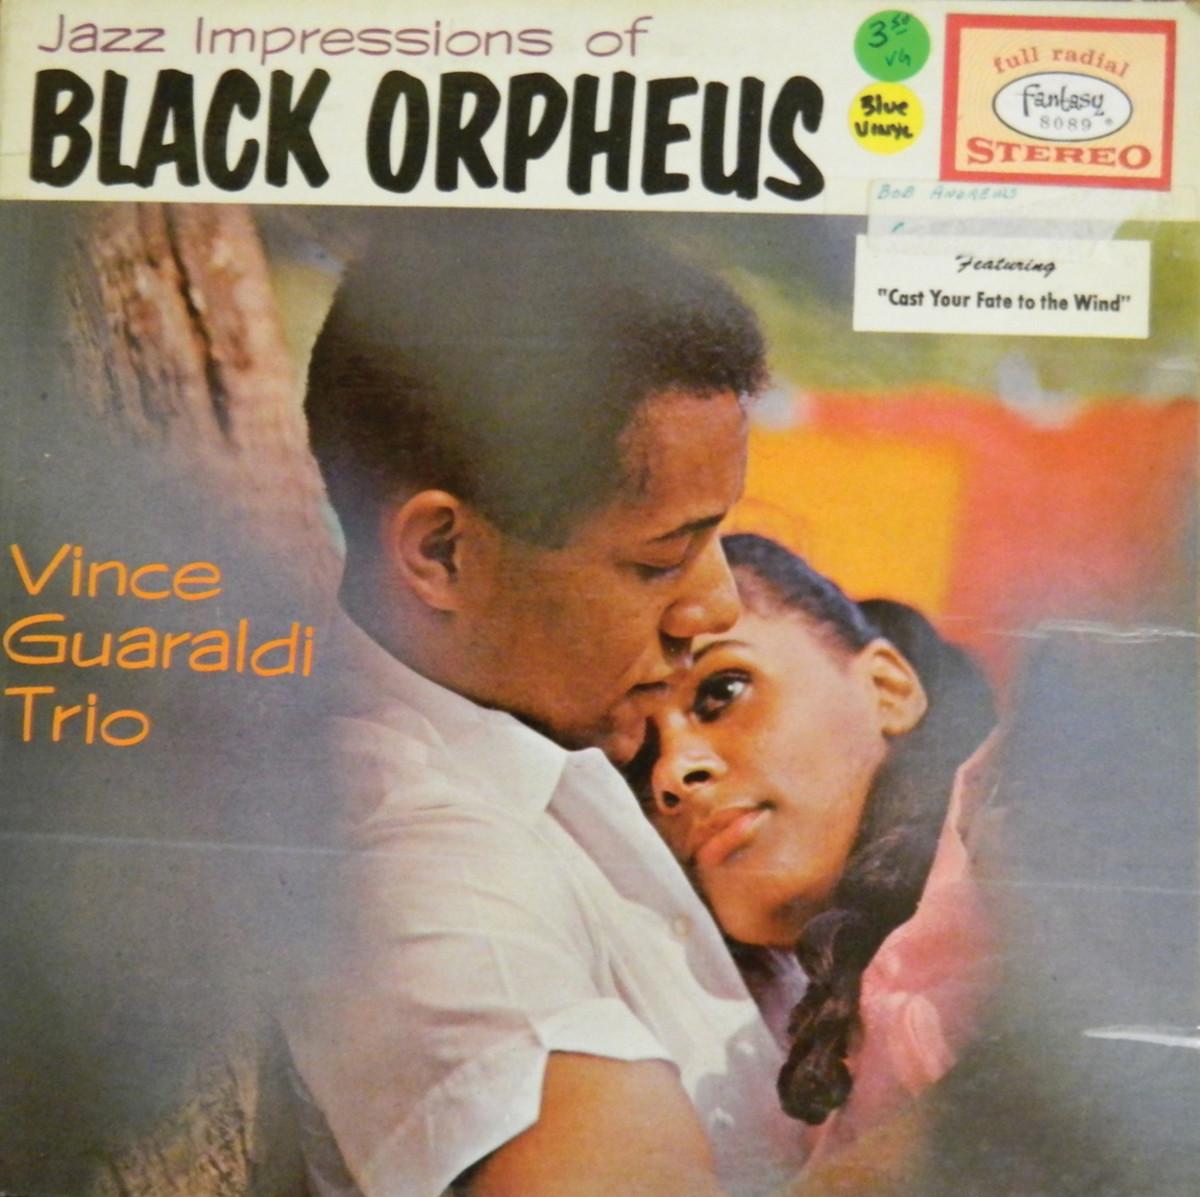 Vince Guaraldi Trio Black Orpheus